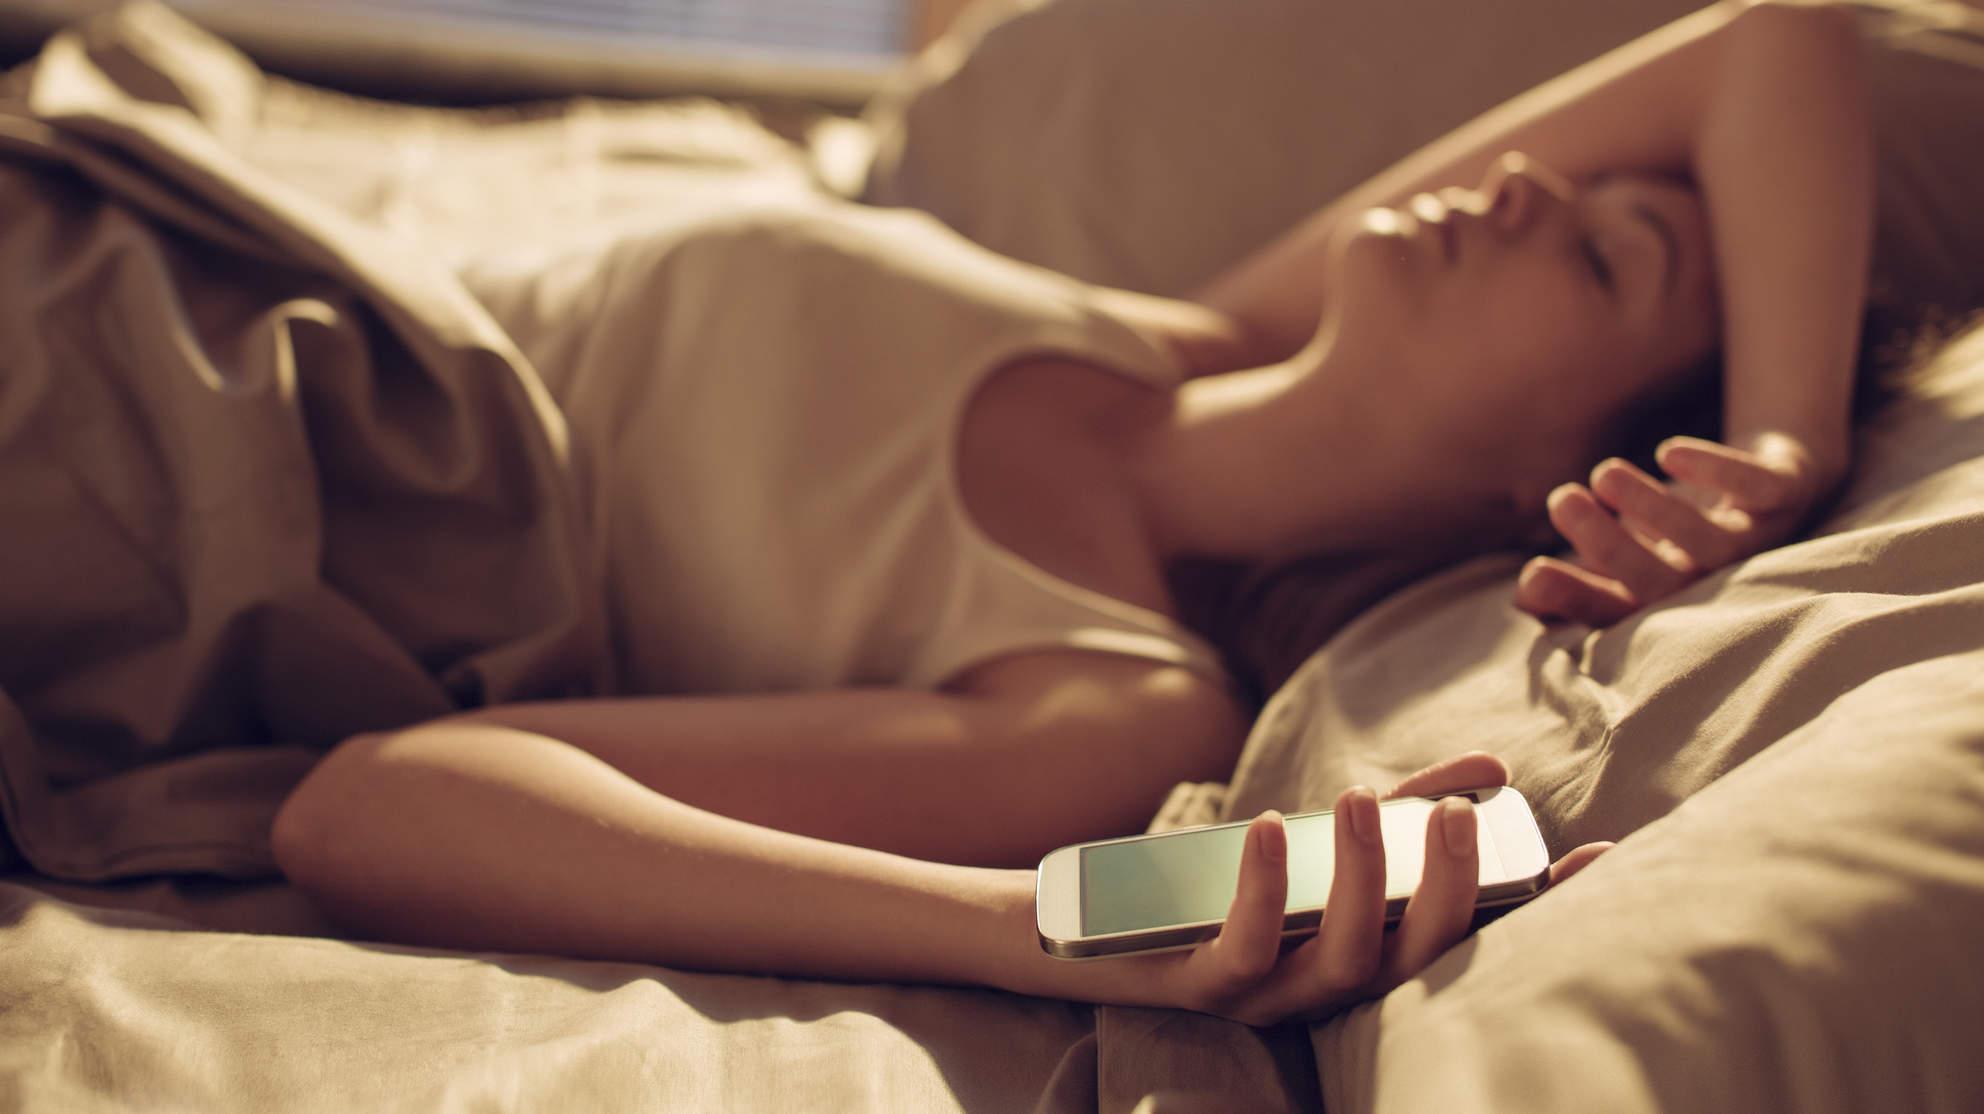 Nastolatka spała z ładującym się iPhonem pod poduszką. Nie żyje. Telefon wybuchł.